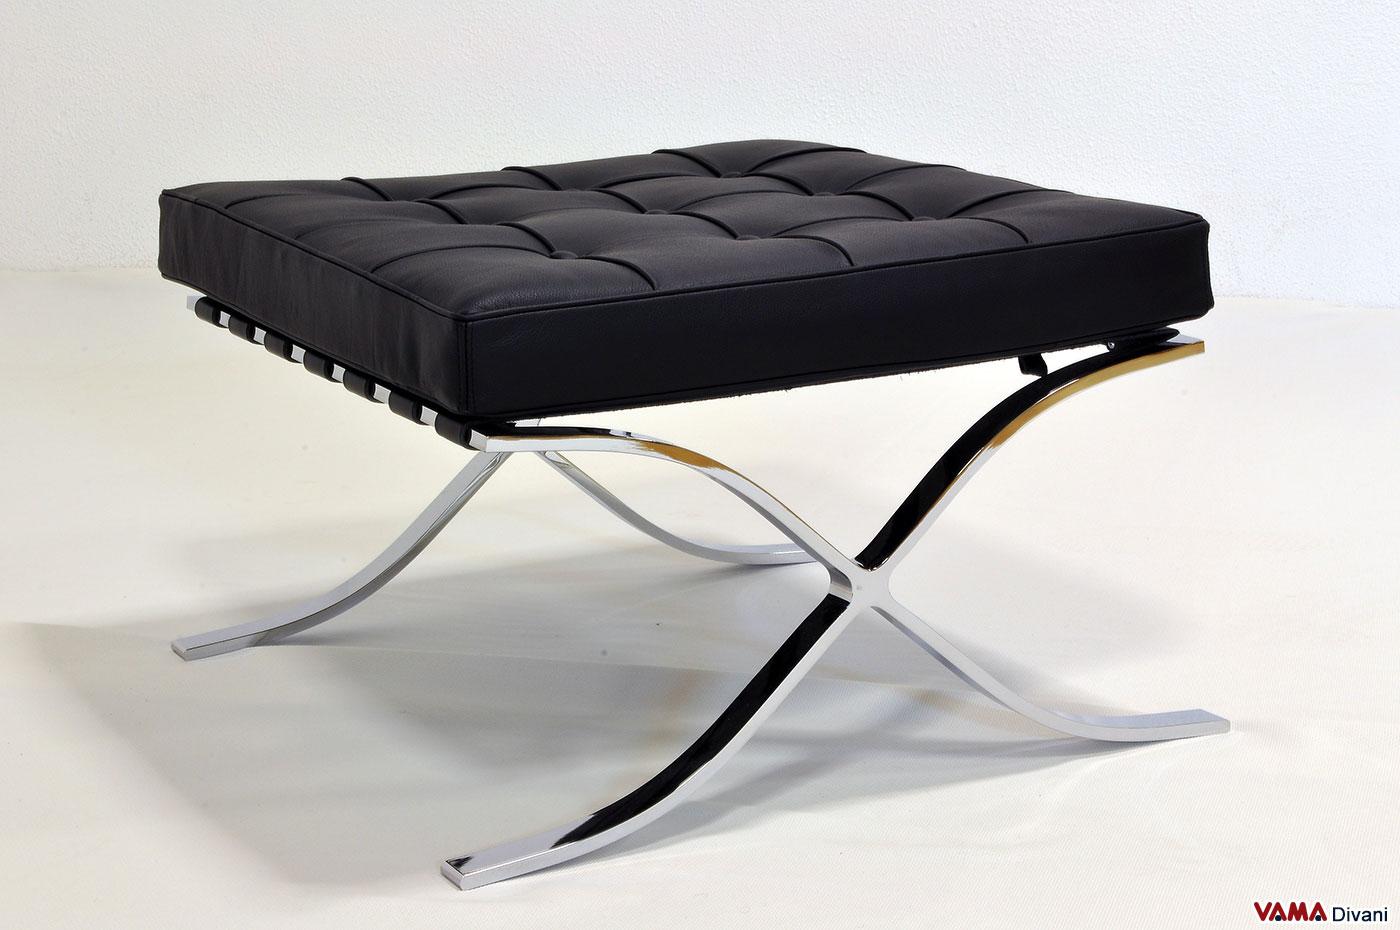 Pouf Poggiapiedi Cuoio Apelle Midj : Pouf barcellona in pelle nera con struttura acciaio cromato